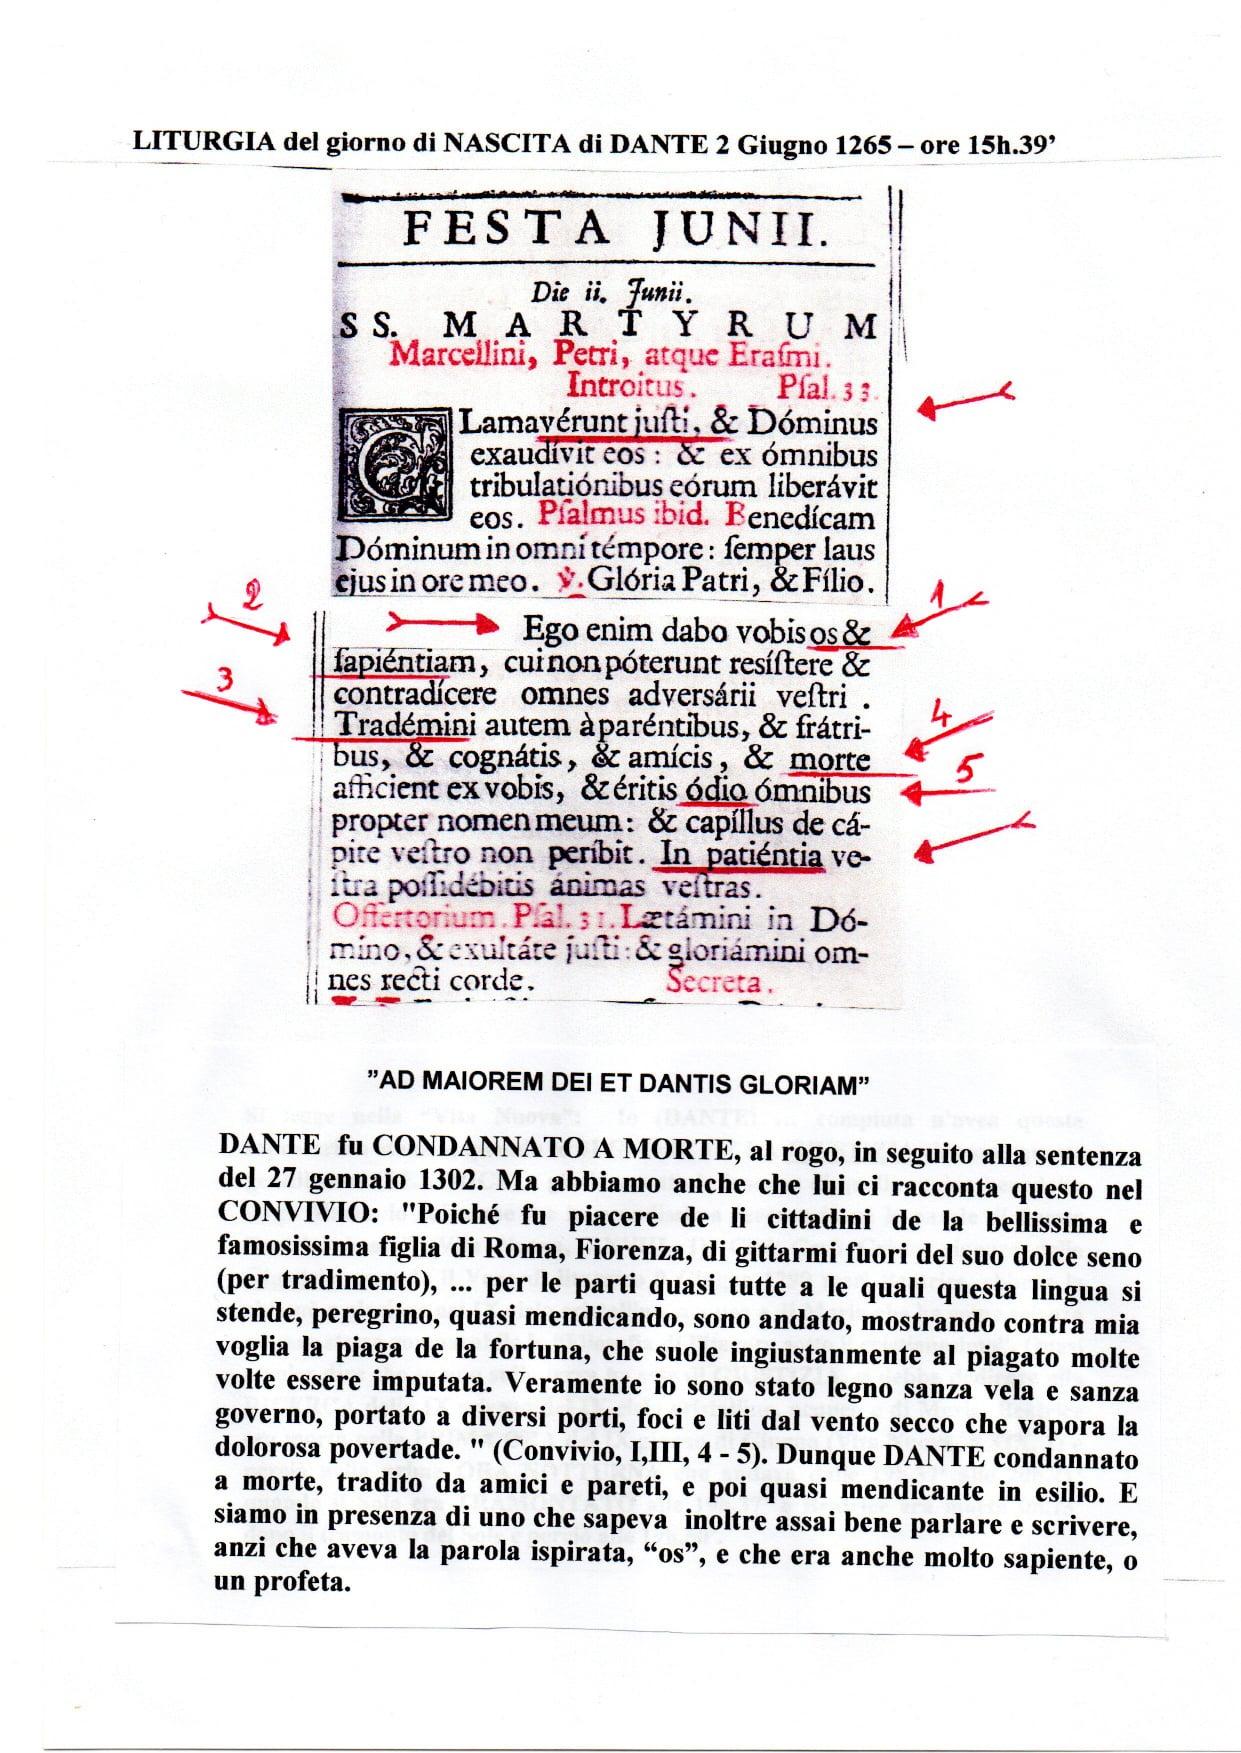 liturgia del 2 giugno 1265